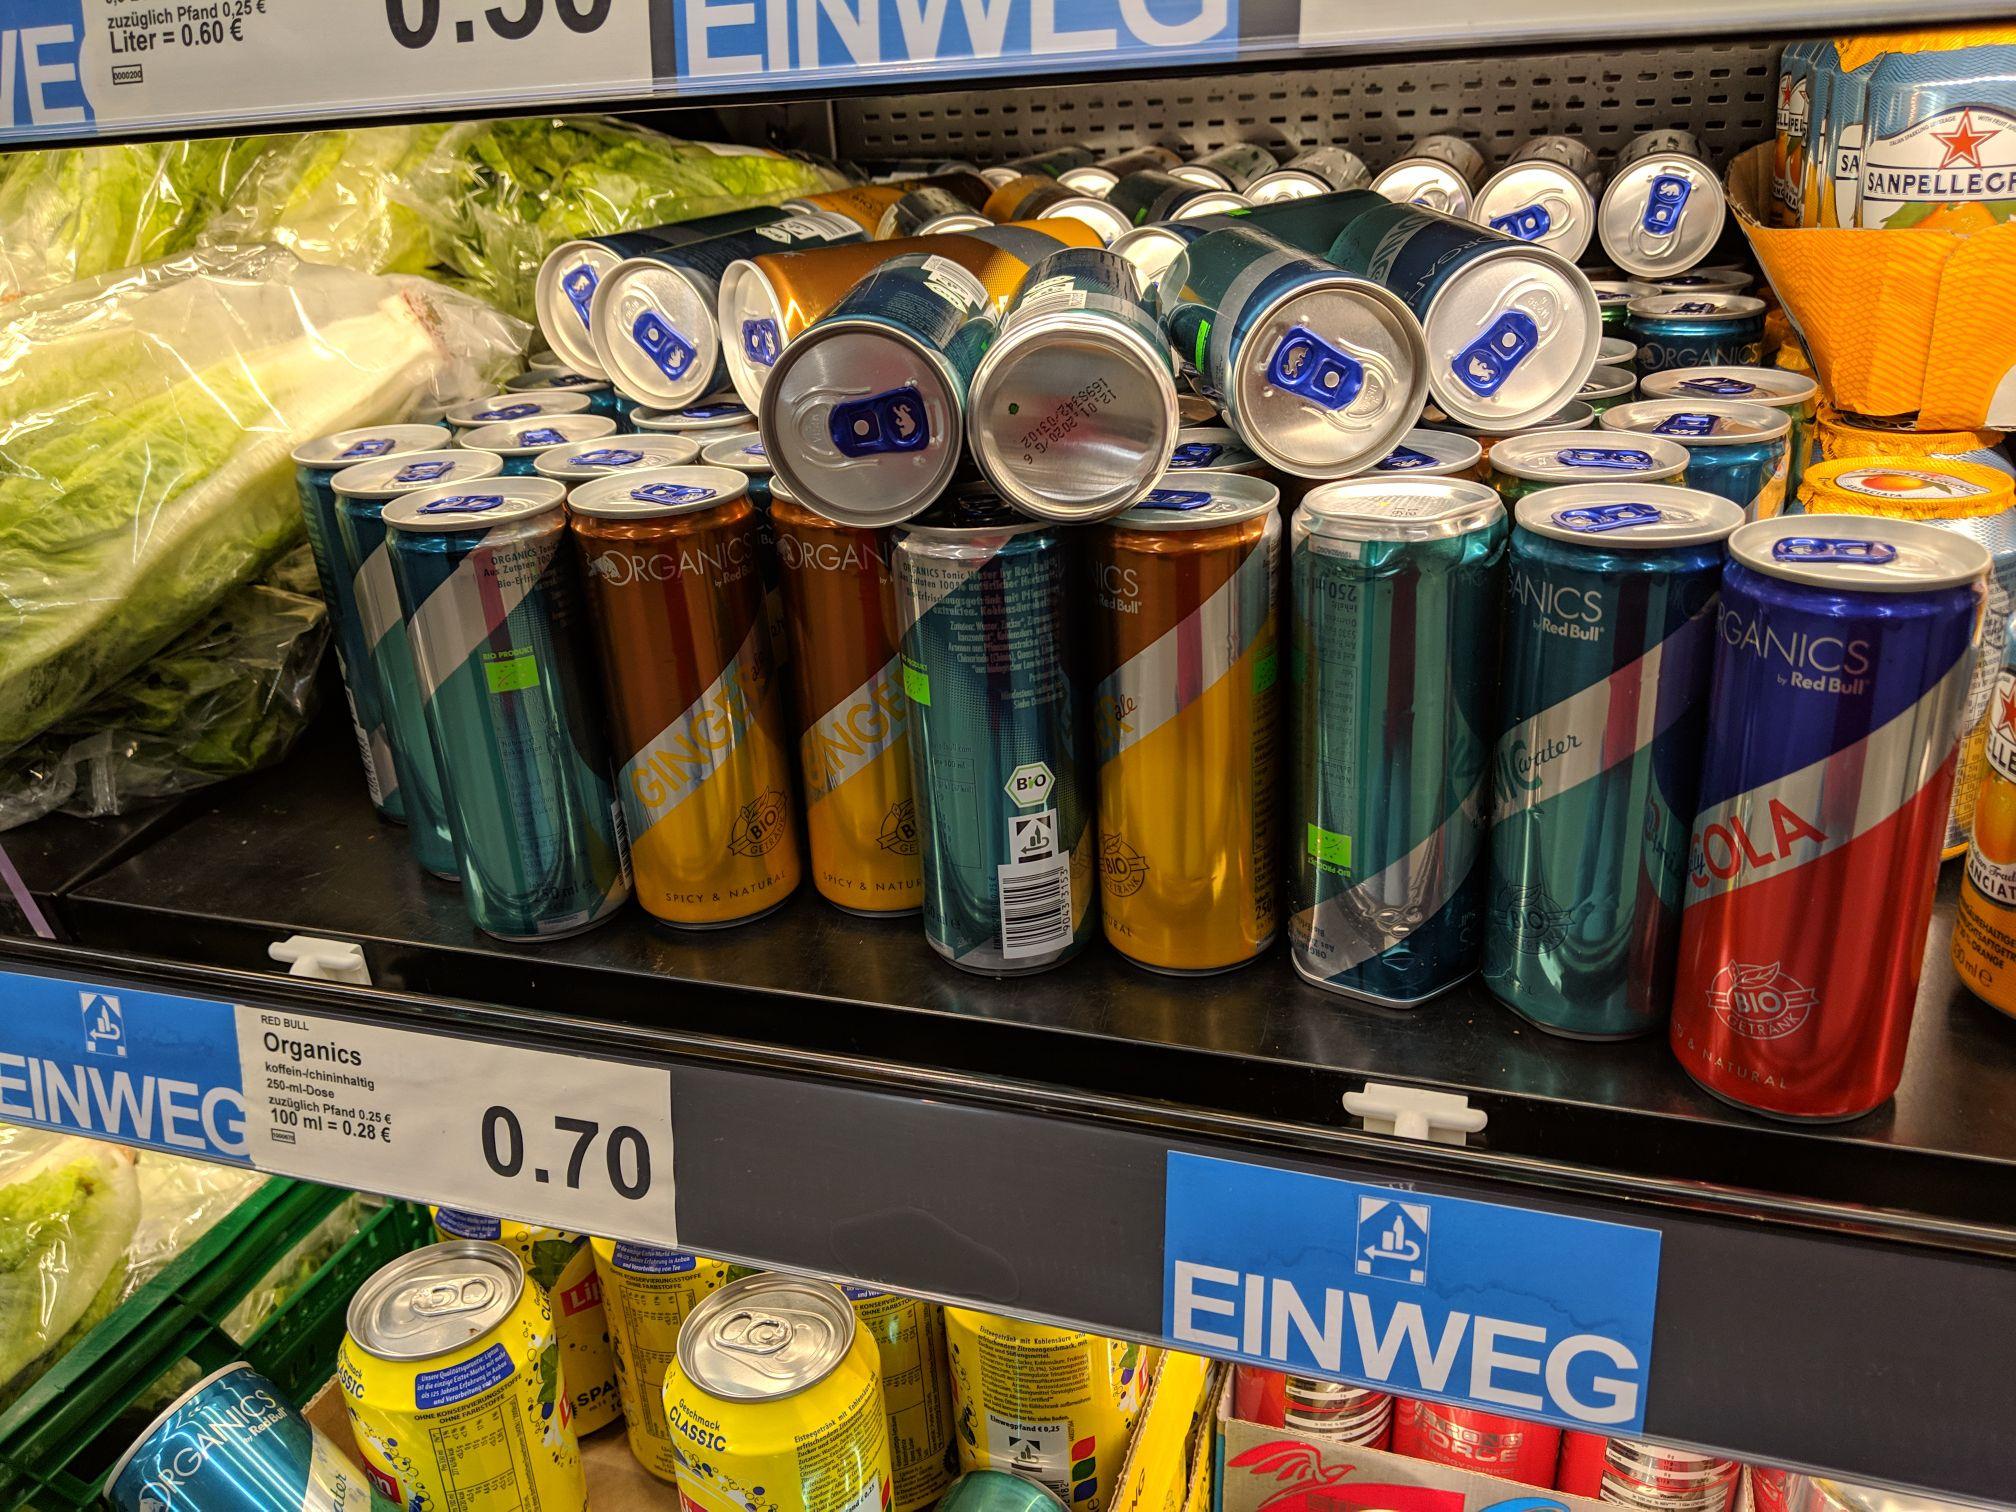 Red Bull Günstig Kaufen Beste Angebote Preise Mydealzde